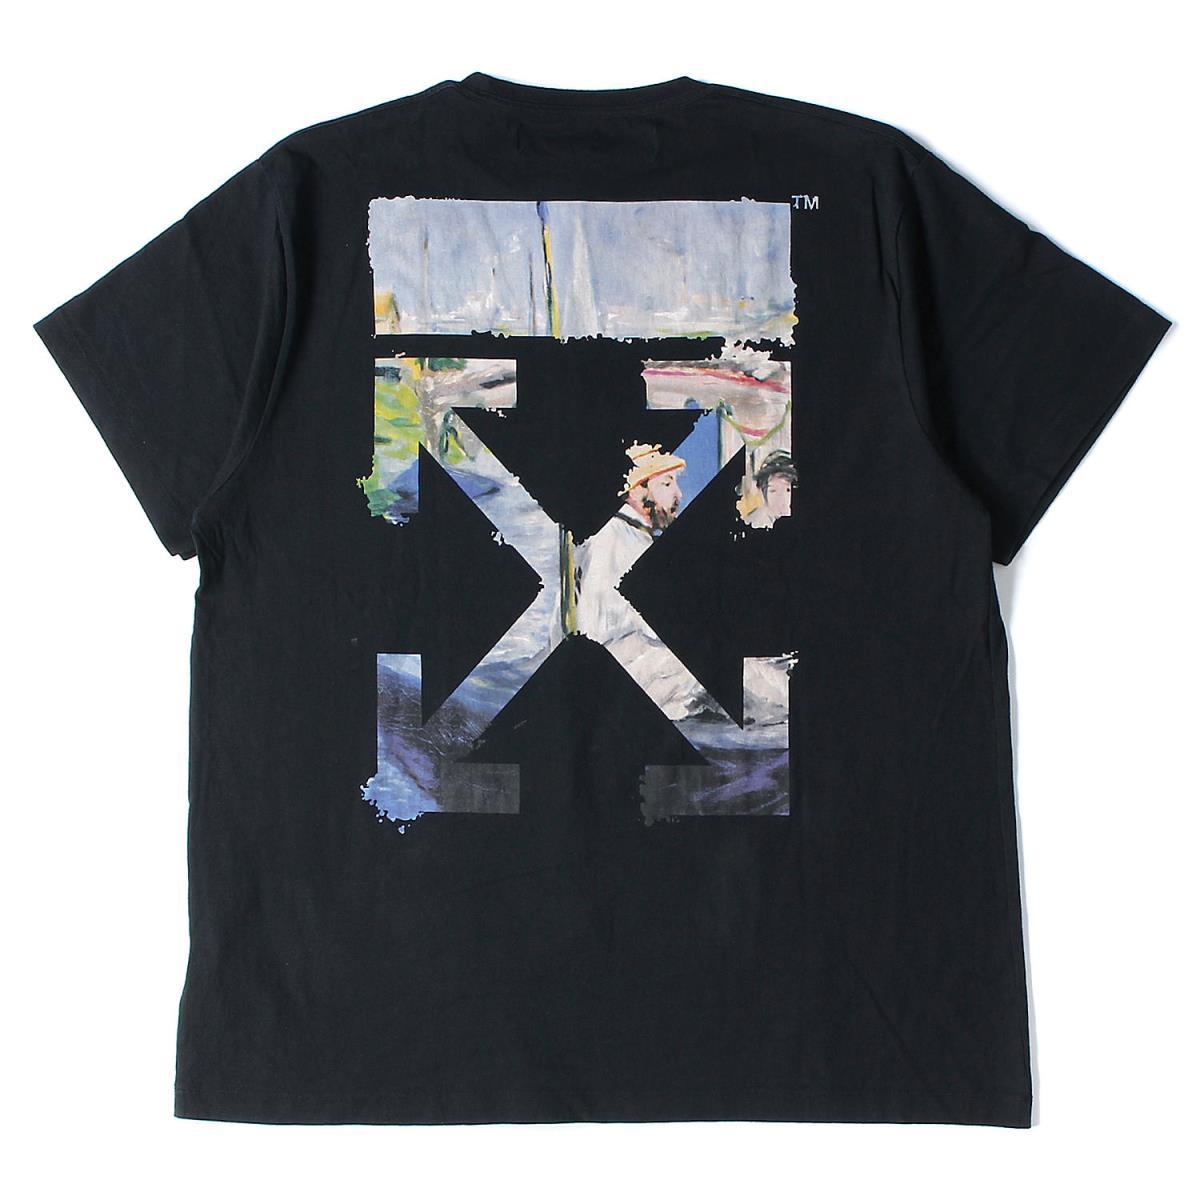 OFF-WHITE オフホワイト Tシャツ 絵画柄 ダイアログアロー ビックサイズ Tシャツ Diag Arrows Tee 19SS ブラック L 【メンズ】【中古】【K2565】